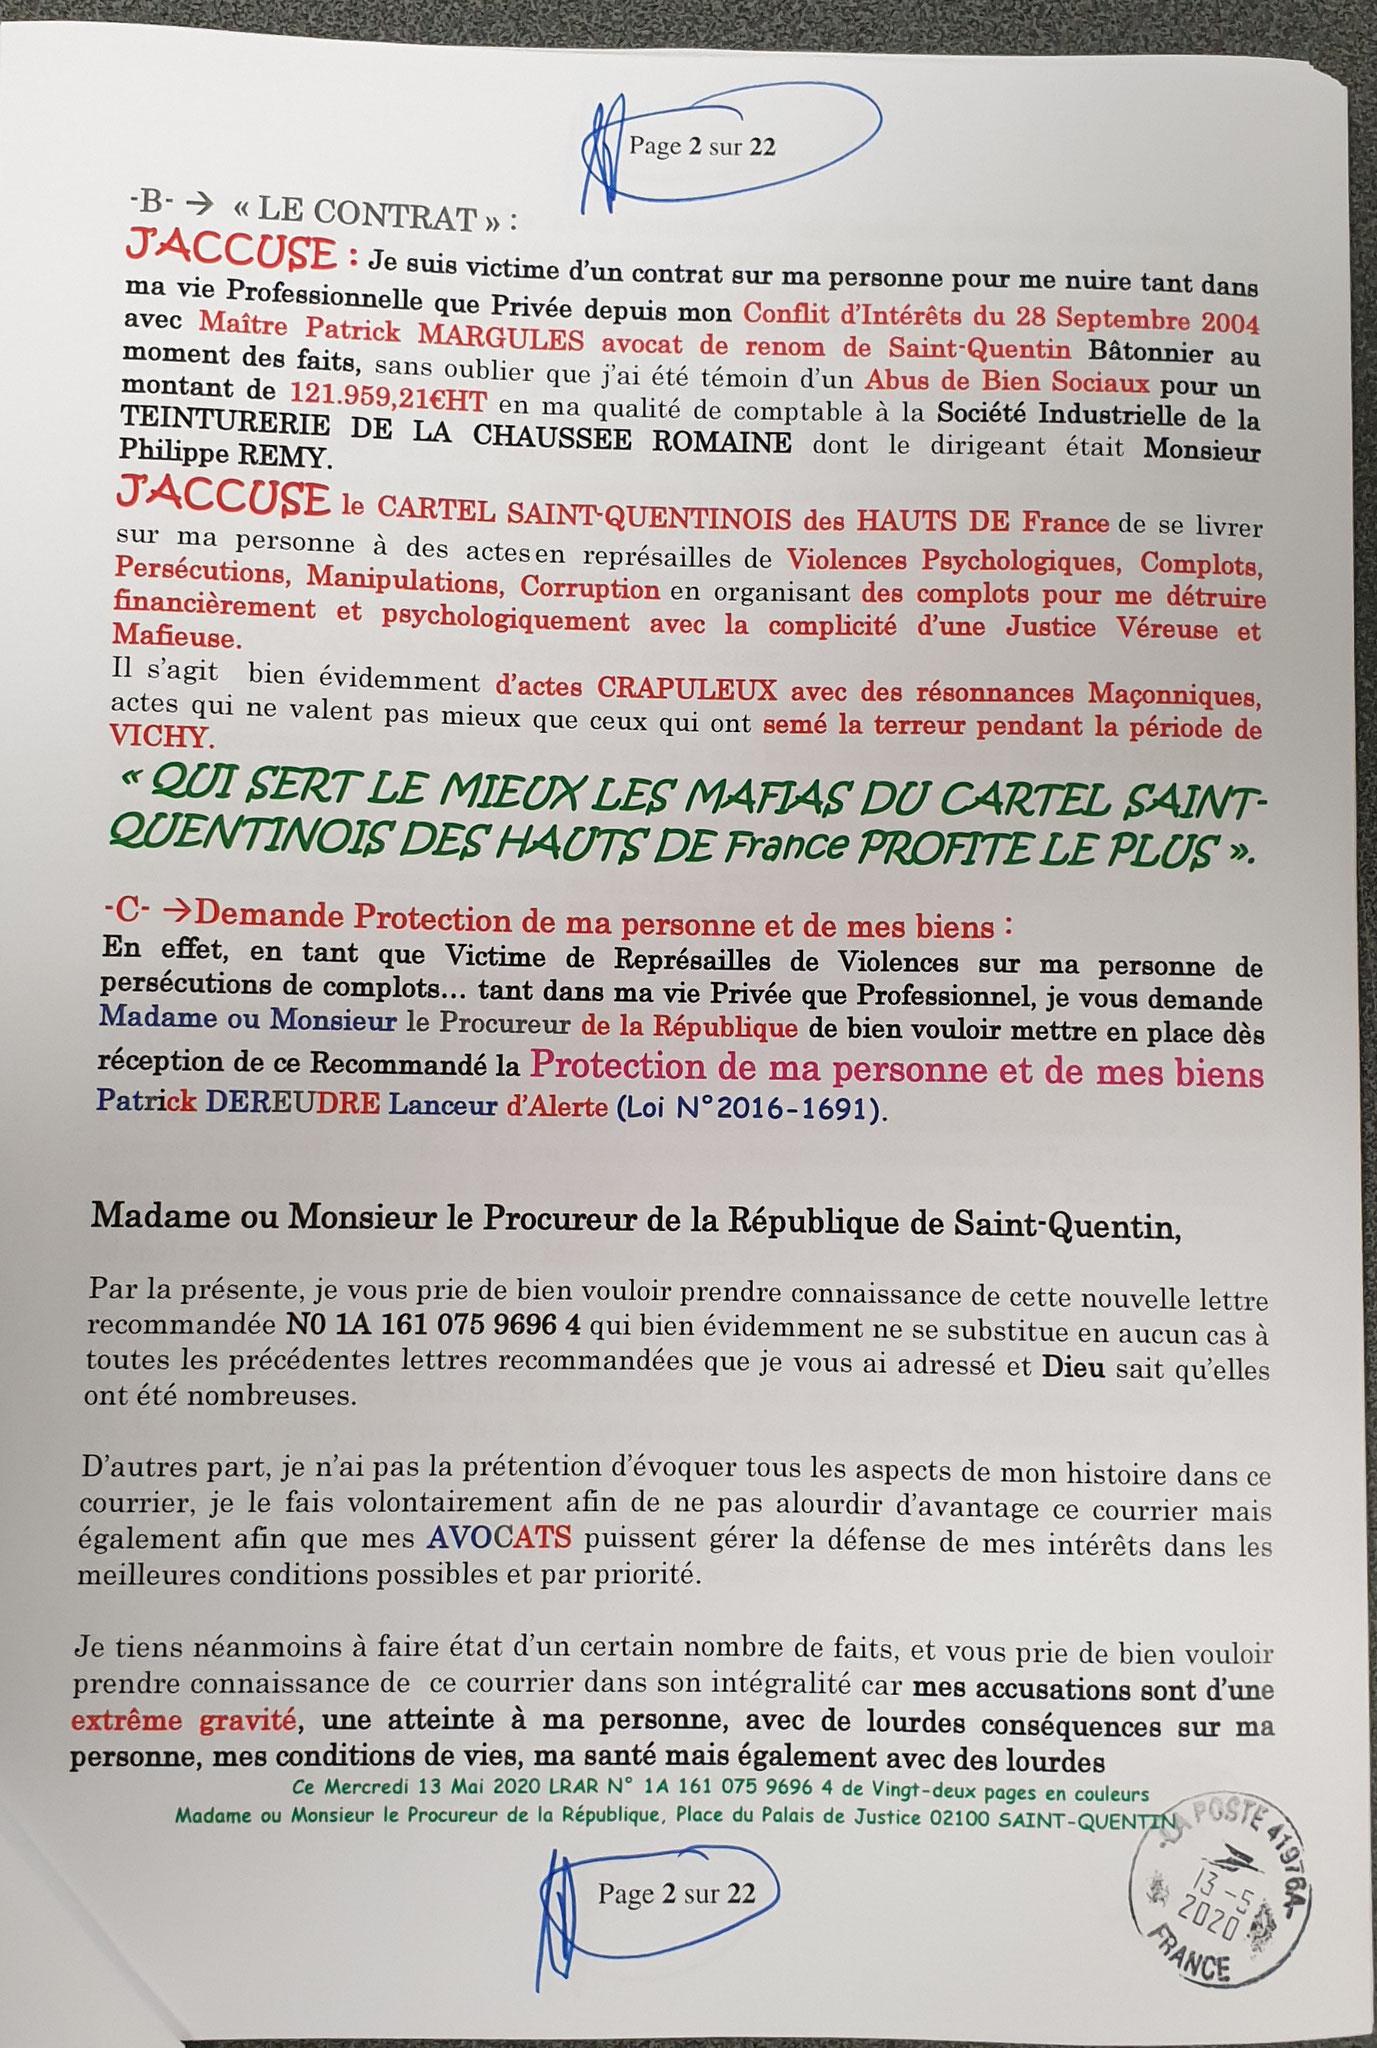 Mon dépôt de Plainte du 13 Mai 2020 auprès du Procureur de la République de Saint-Quentin Pour Violences en Bande Organisée à l'encontre des Taxis VASSEUR SERVICES www.jenesuispasunchien.fr www.jesuisvictime.fr www.jesuispatrick.fr